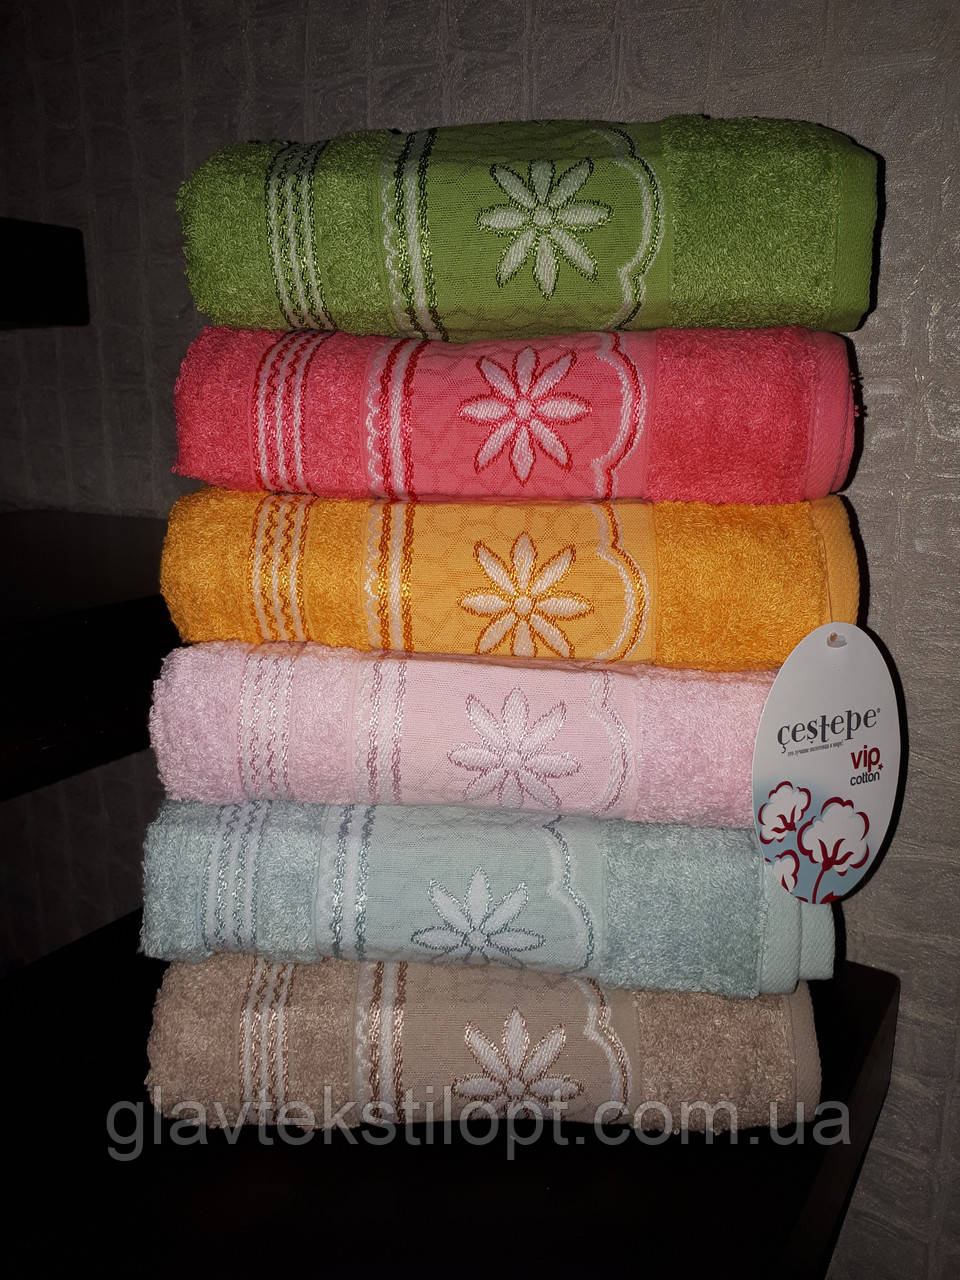 Махровое полотенце 50*90 Cestepe Vip Cotton Турция